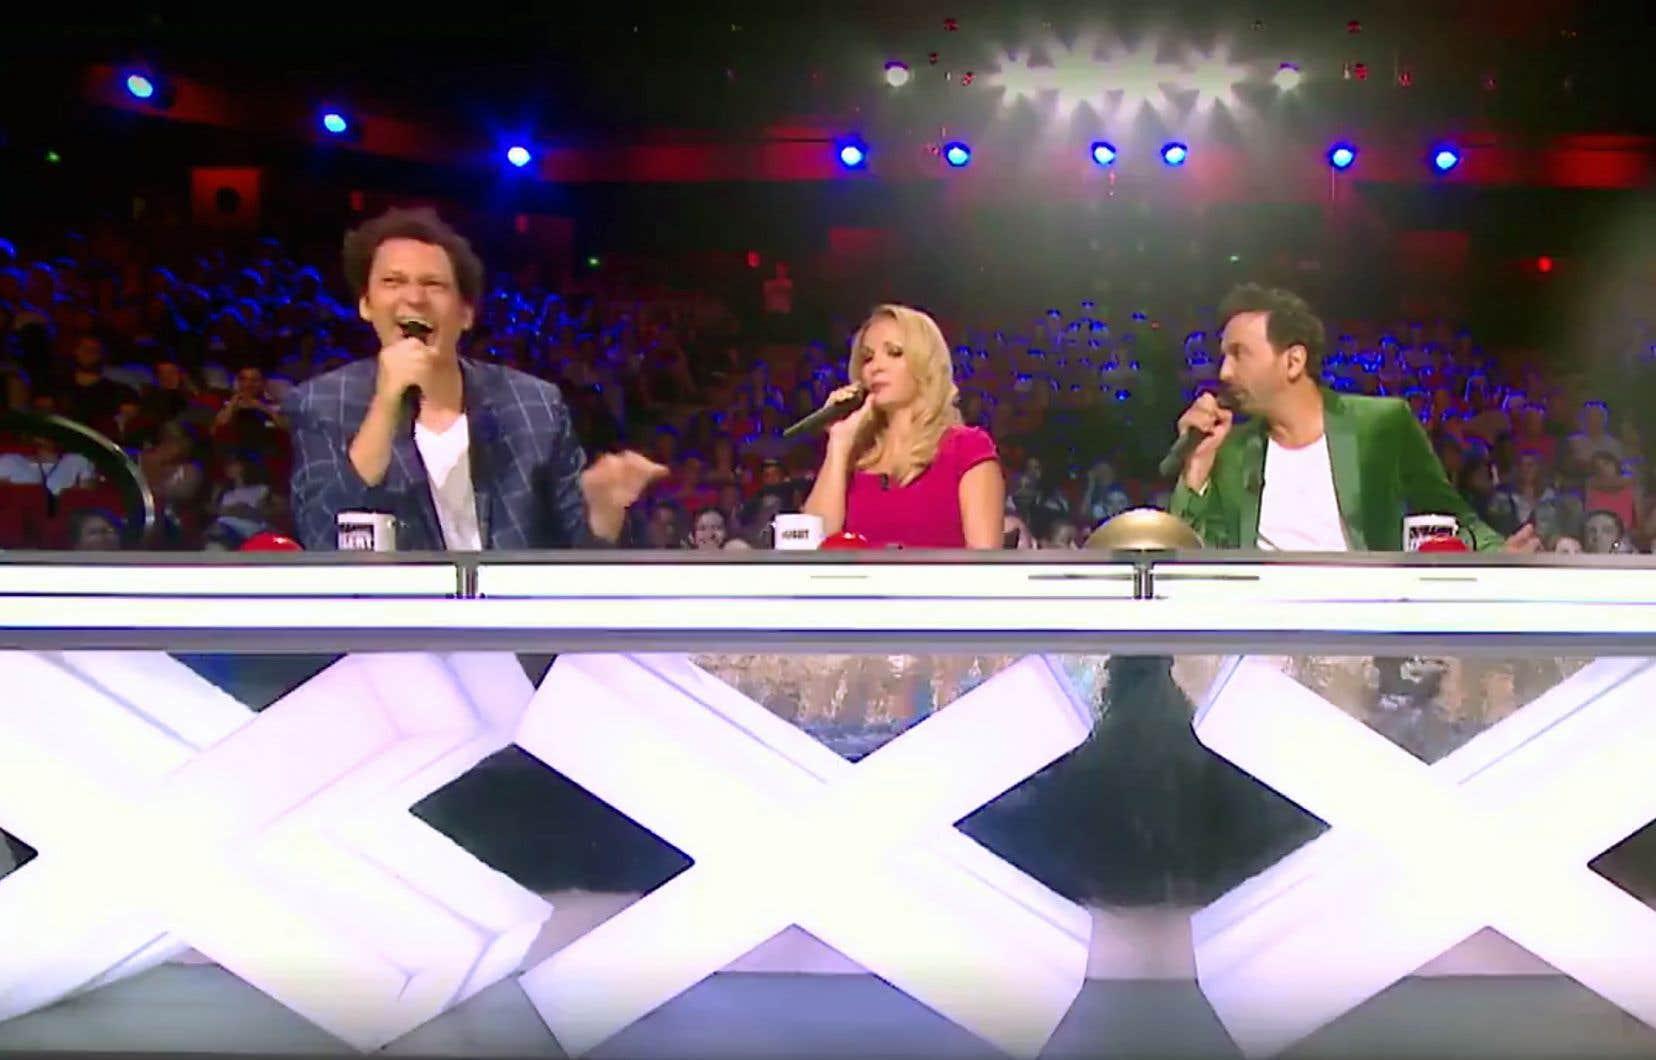 Dans une vidéo promotionnelle de l'émission «La France a un incroyable talent», où on voit les juges Éric Antoine, Hélène Ségara et Kamel Ouali, on remarque la silhouette de Gilbert Rozon en filigrane.